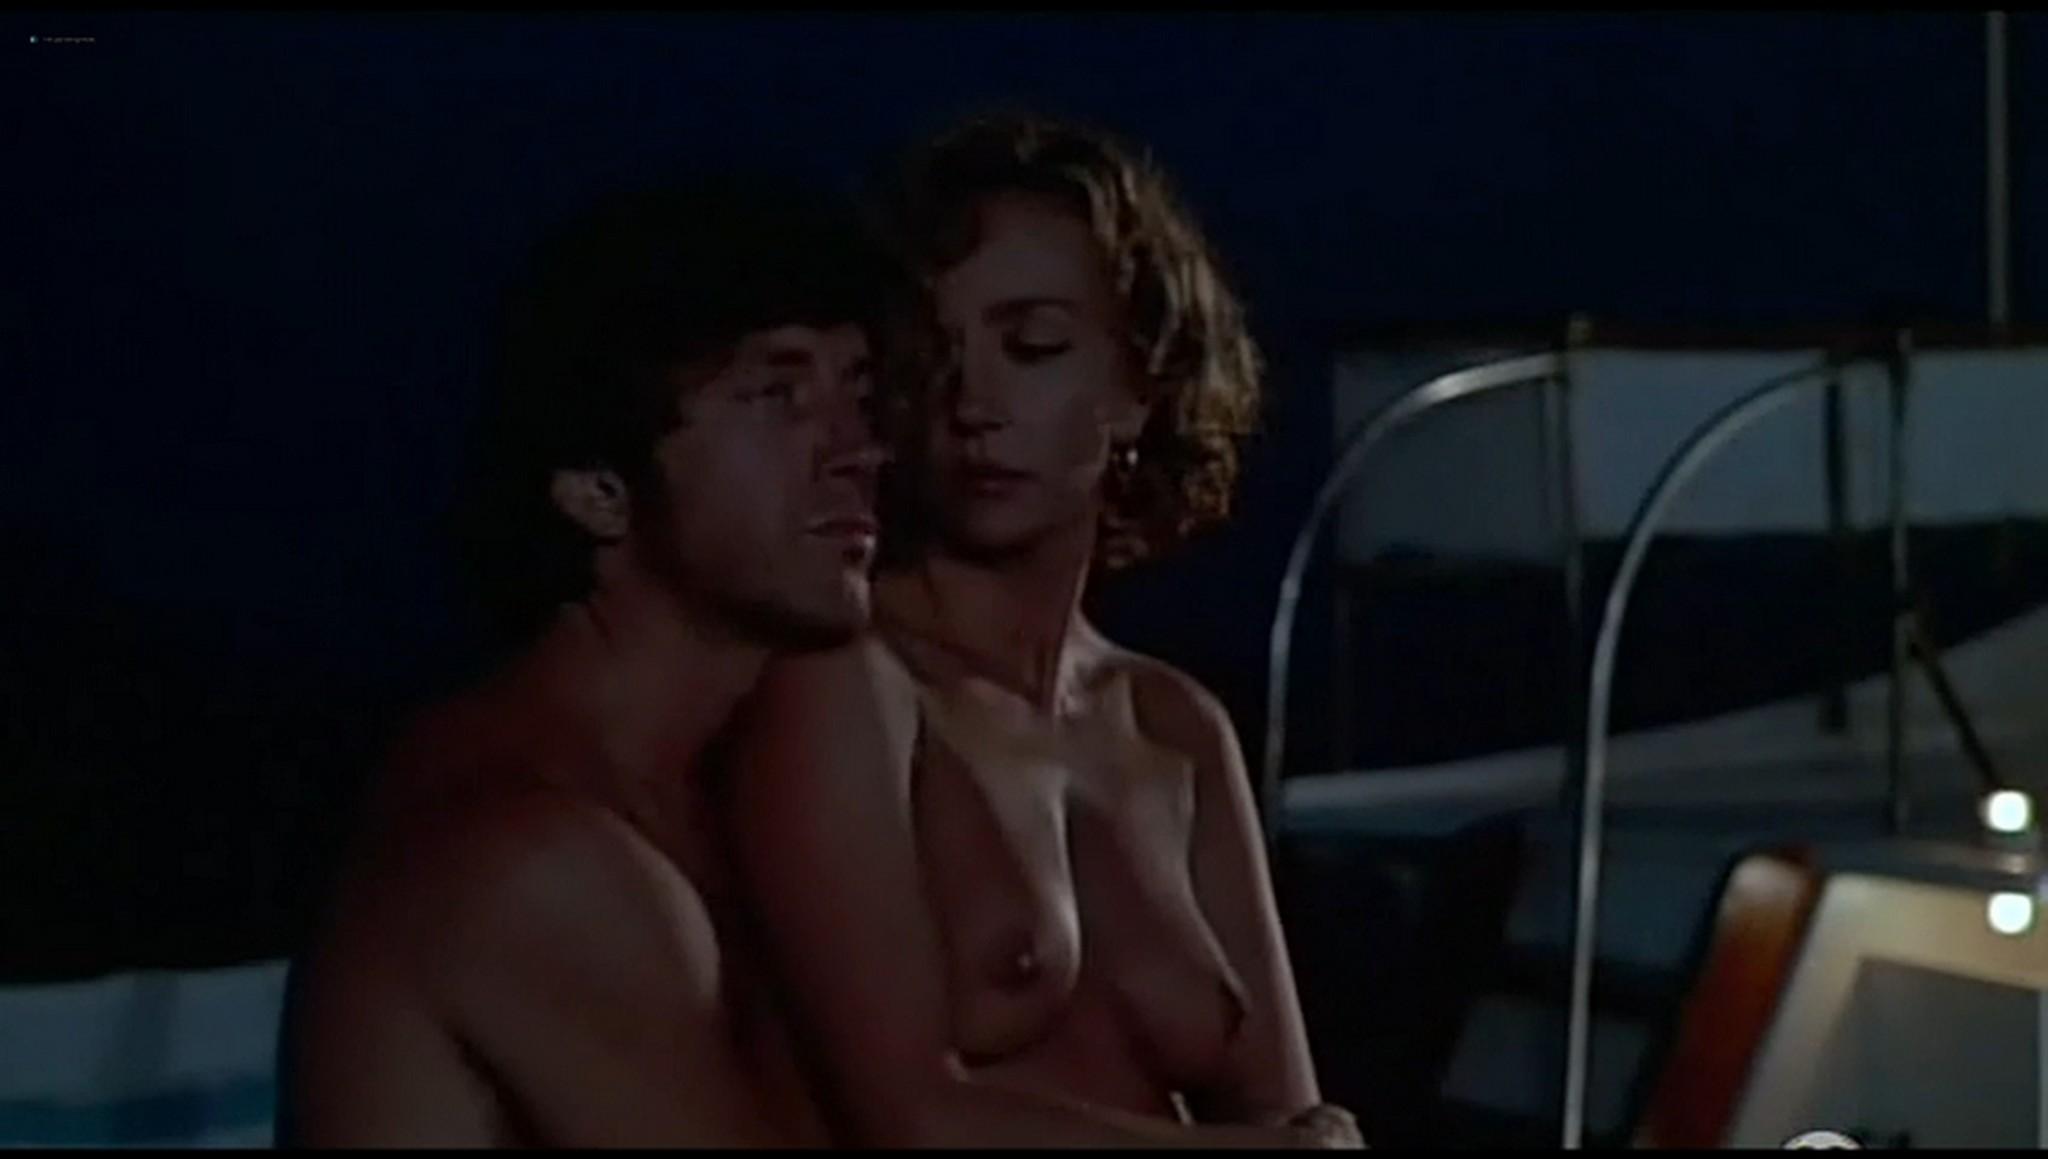 Valerie Kaprisky nude full frontal Caroline Cellier and others nude L annee des meduses 1984 16